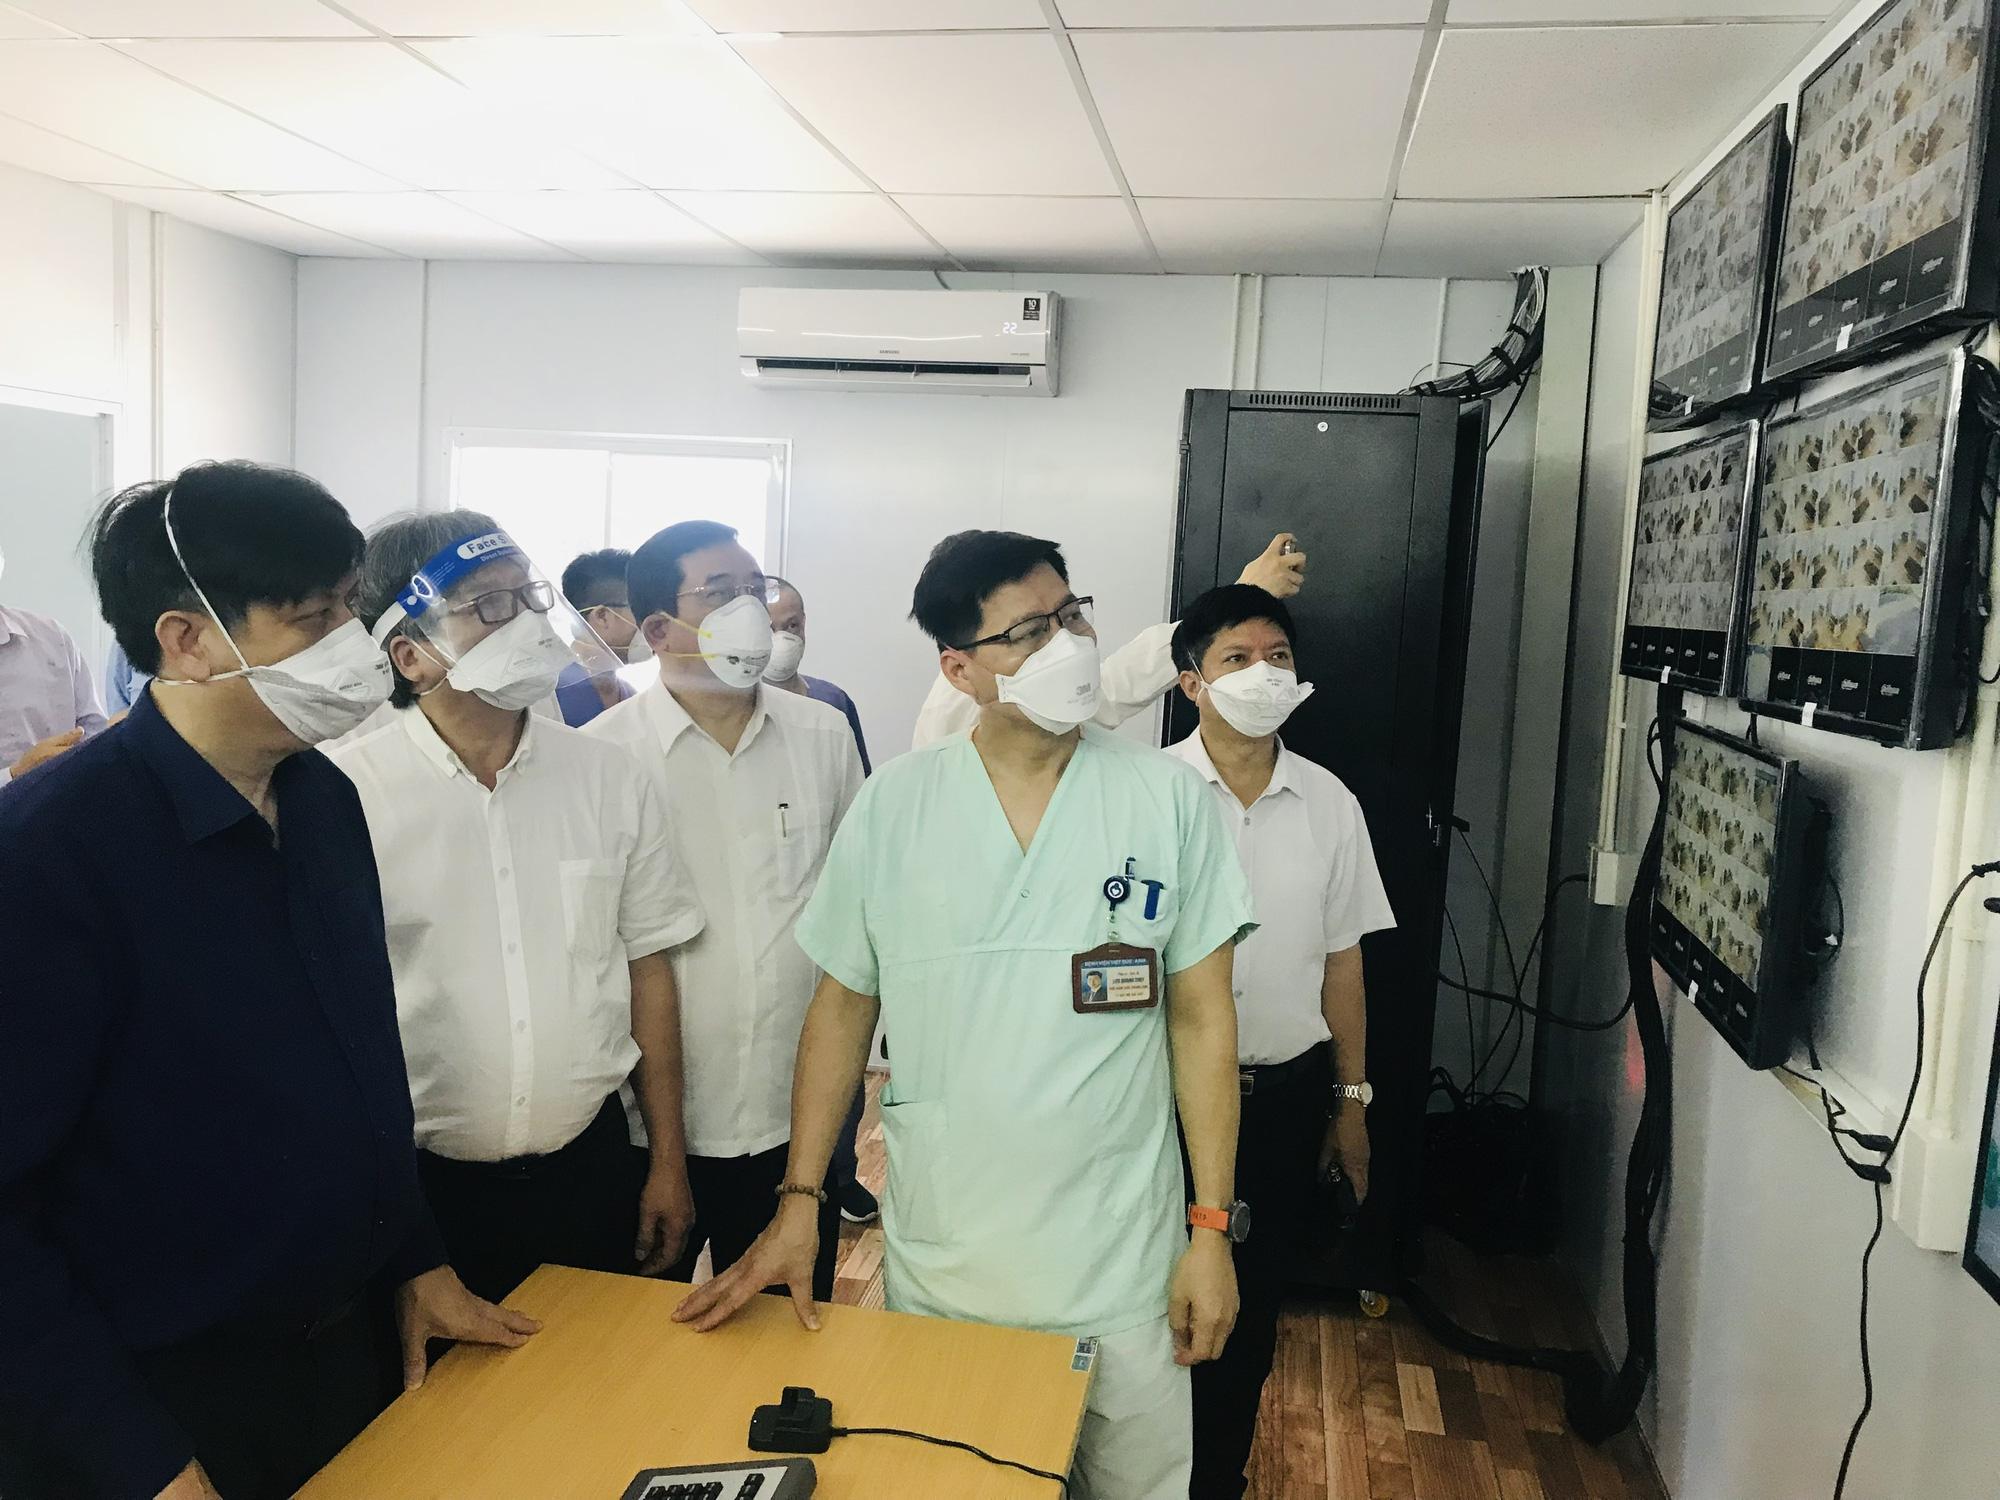 """Bộ trưởng Bộ Y tế: Cung cấp đủ """"vũ khí"""" để thầy thuốc điều trị bệnh nhân COVID-19 nặng - Ảnh 2."""